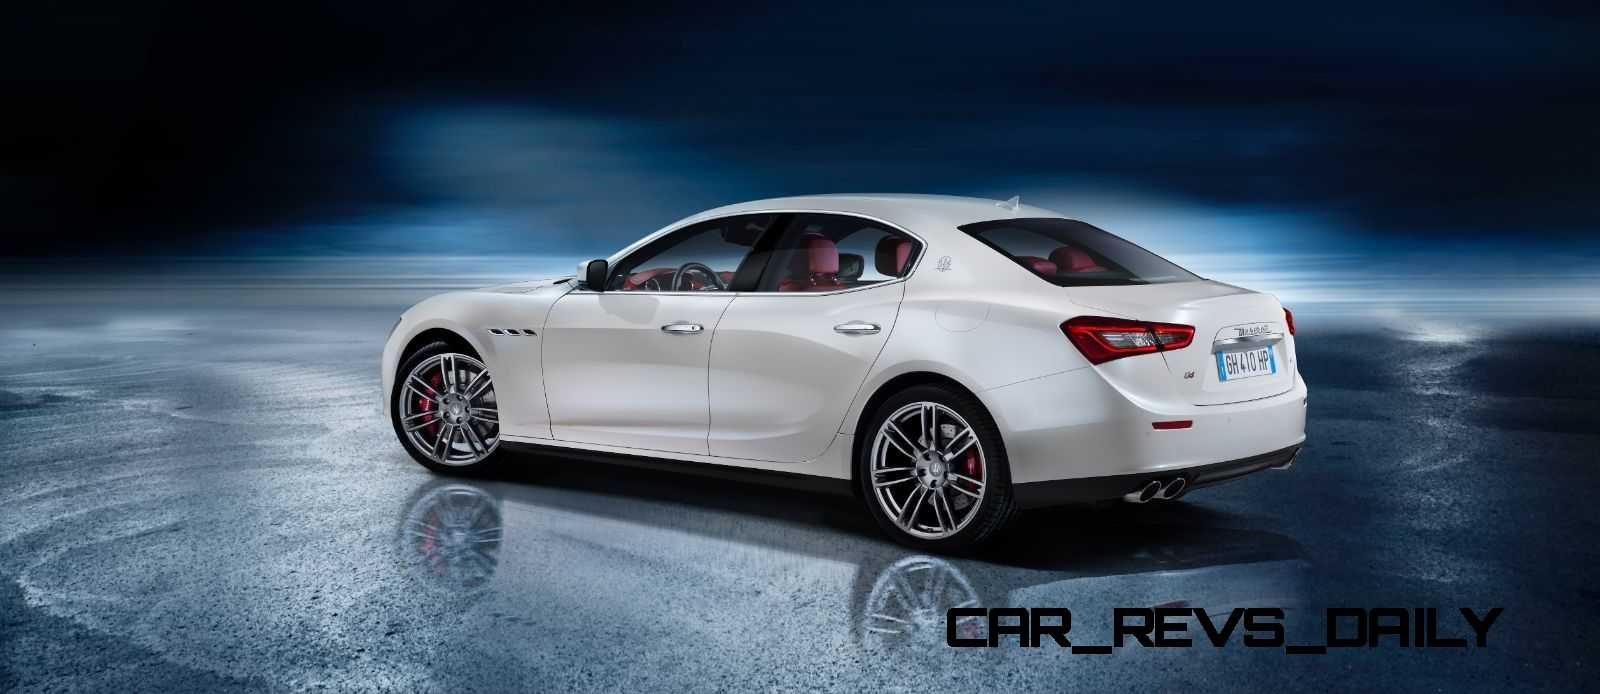 Maserati-Ghibli-7-8-posteriore